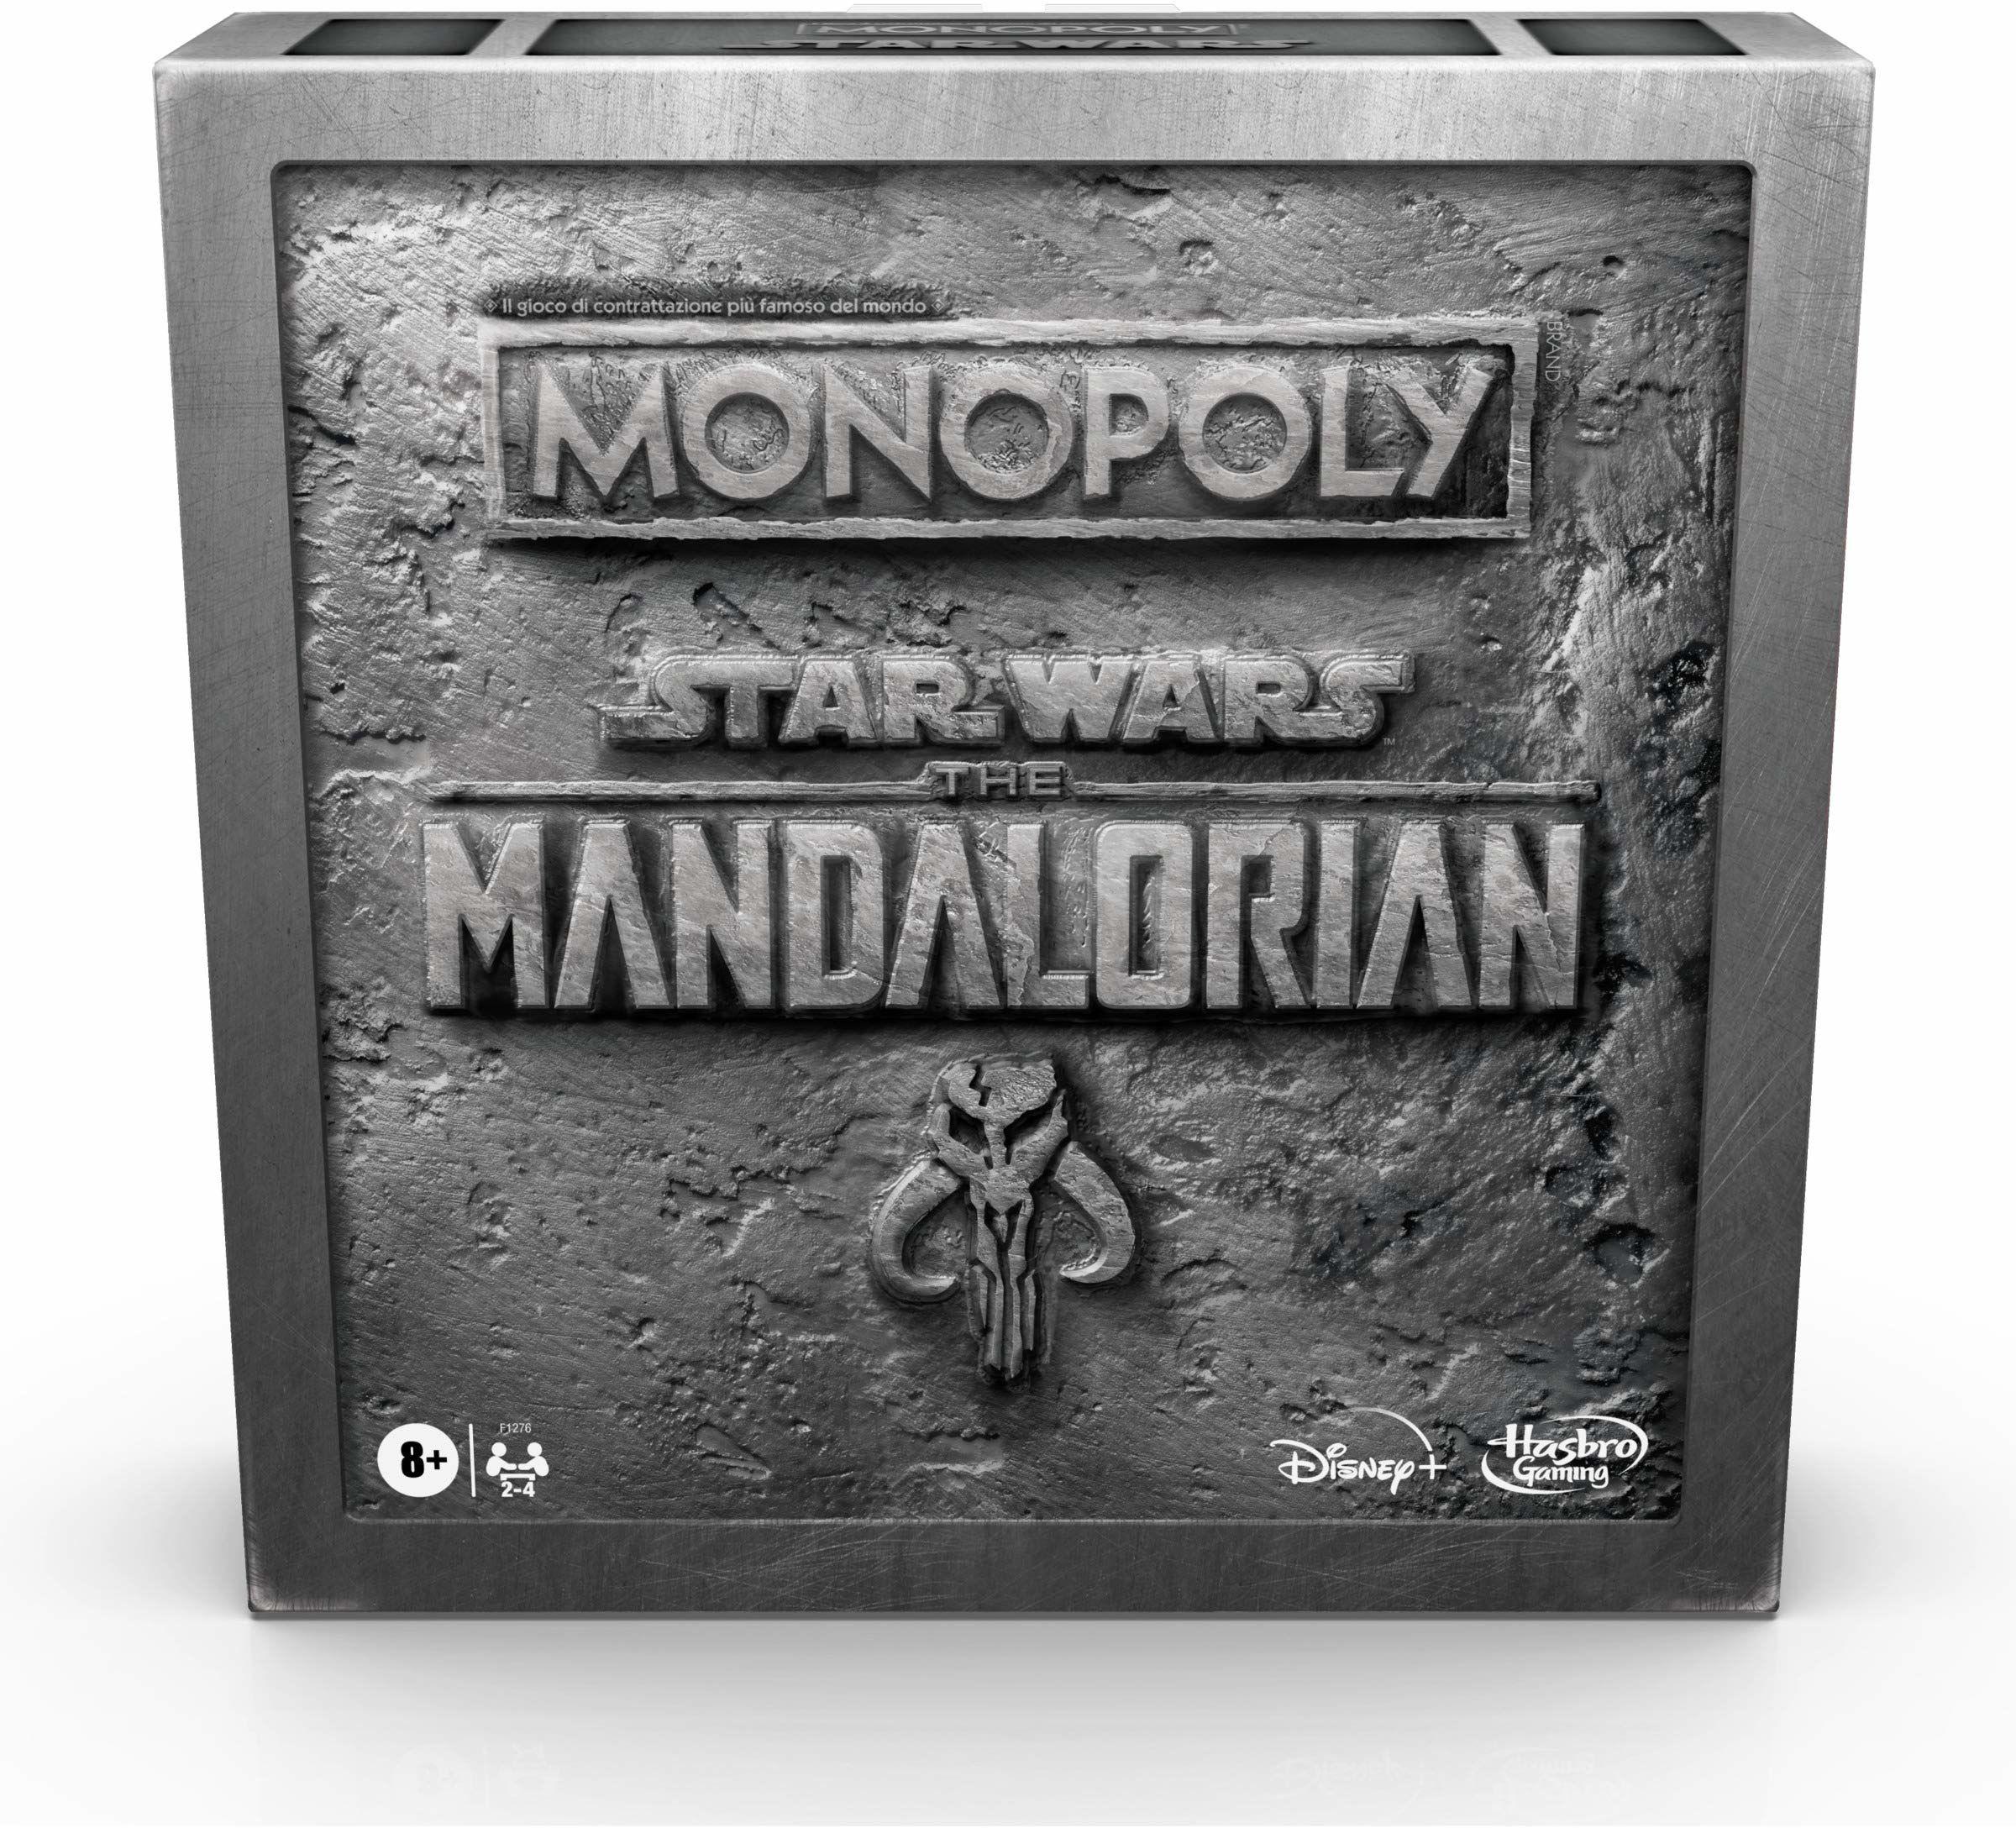 Hasbro Monopoly  Star Wars The Mandalorian  Mandalorian